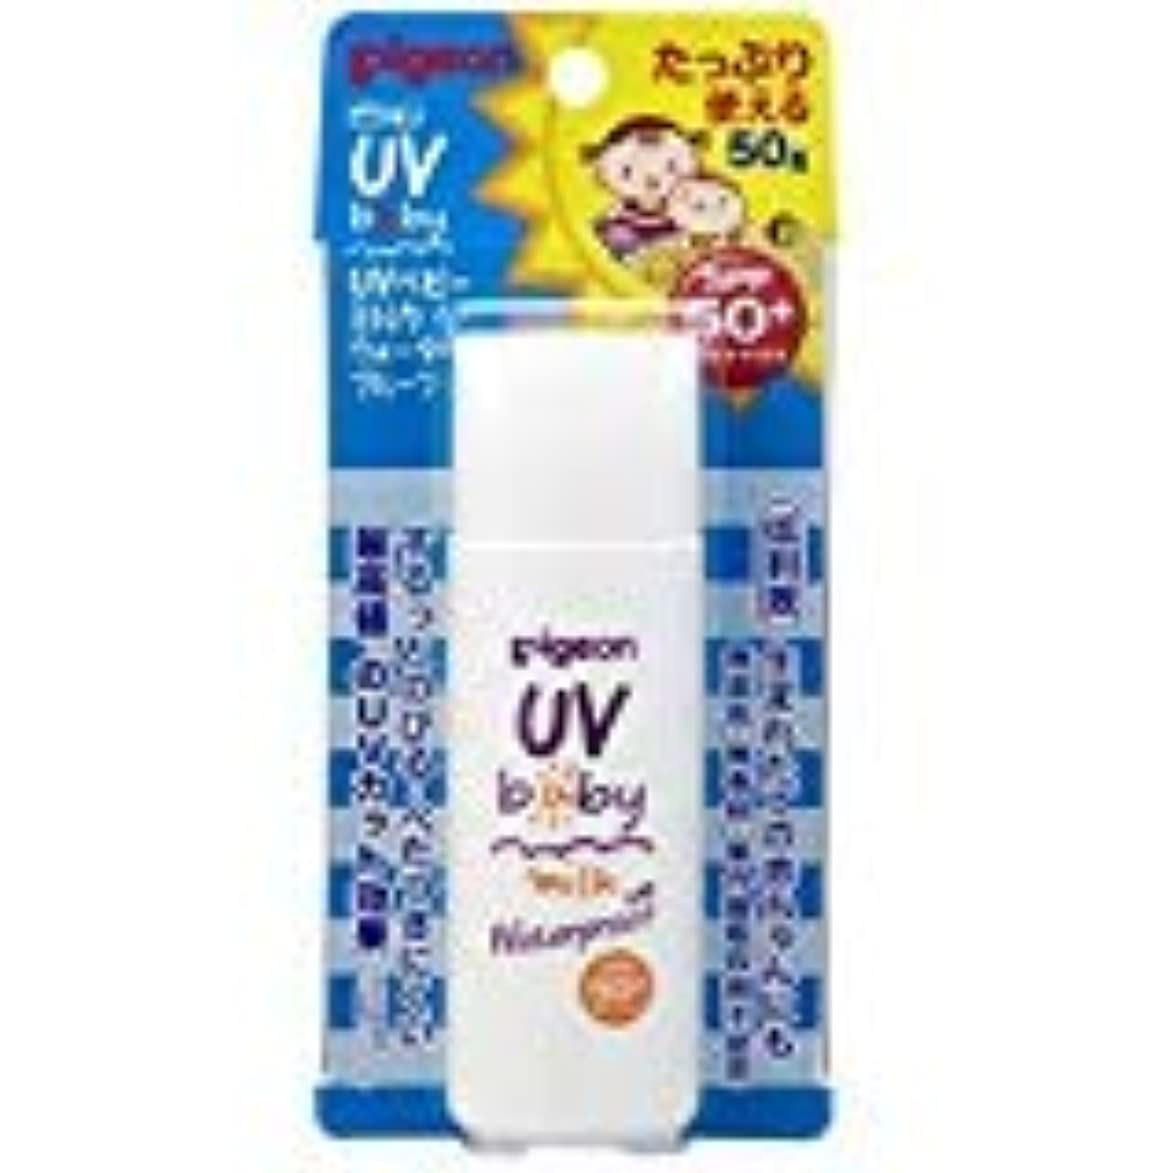 アジア馬鹿げたライブピジョン UVベビーミルク ウォータープルーフ SPF50+ 50g